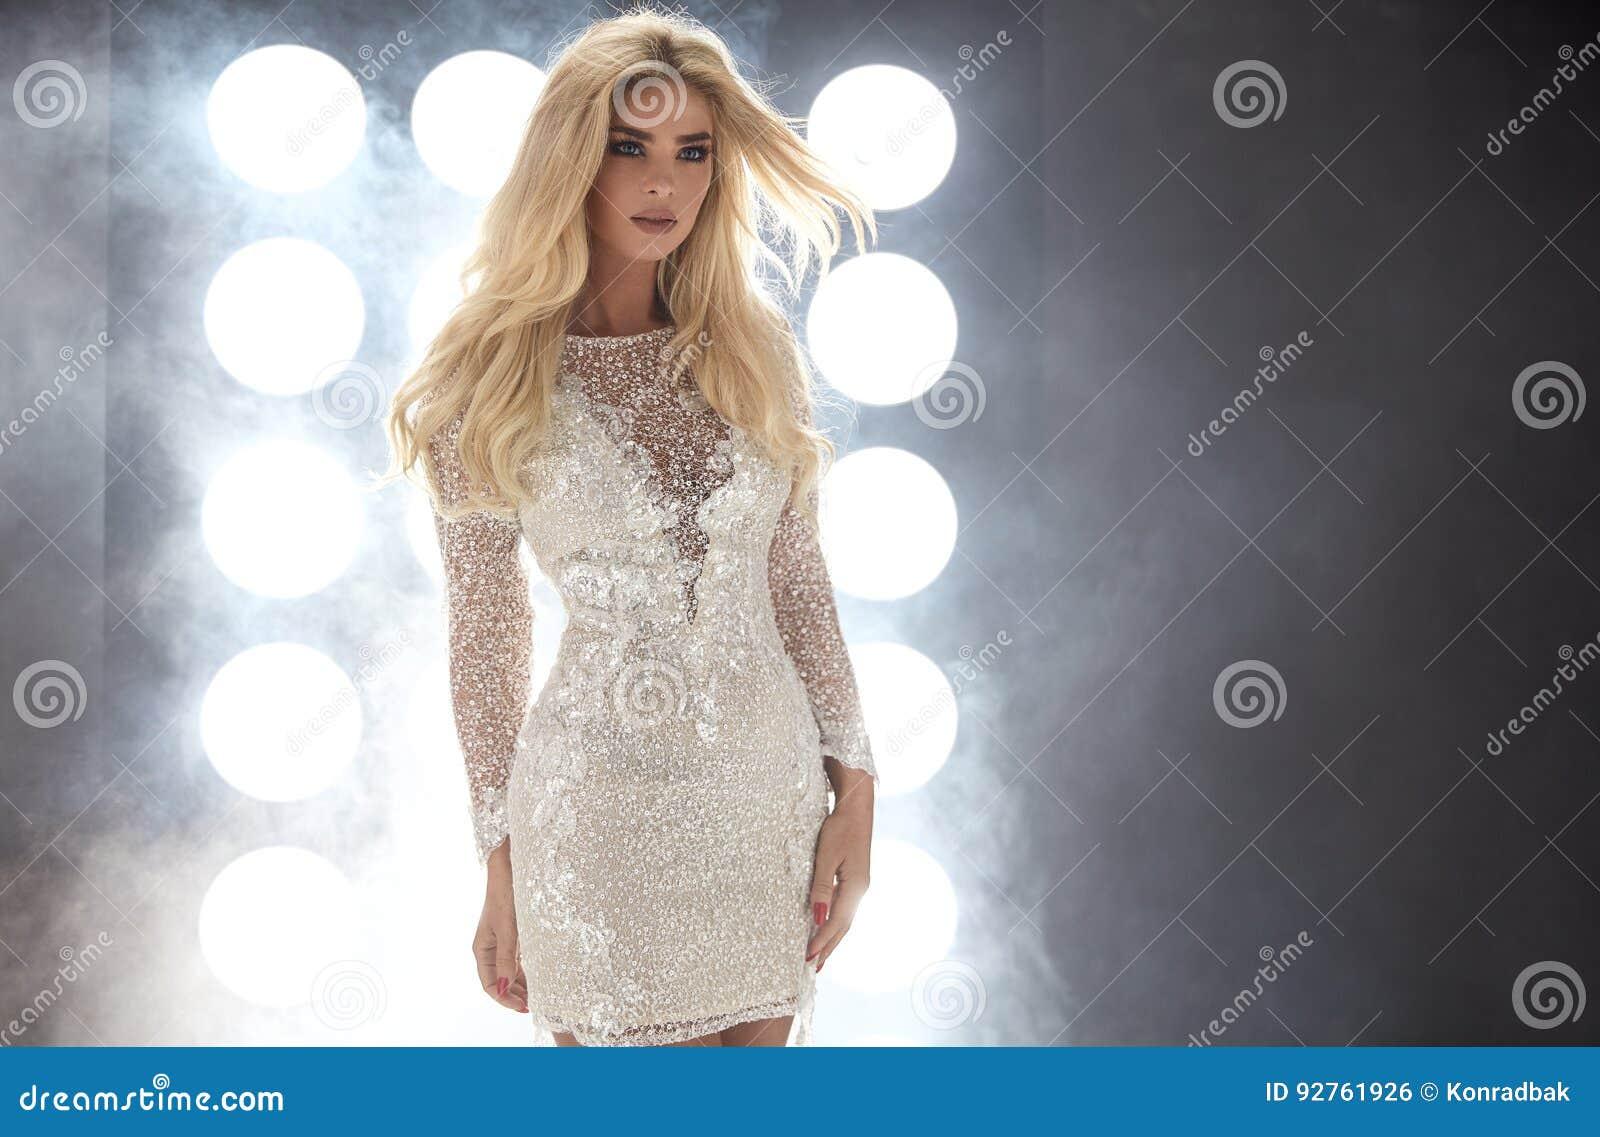 Stående av en ung förtjusande dam på en klubbaetapp